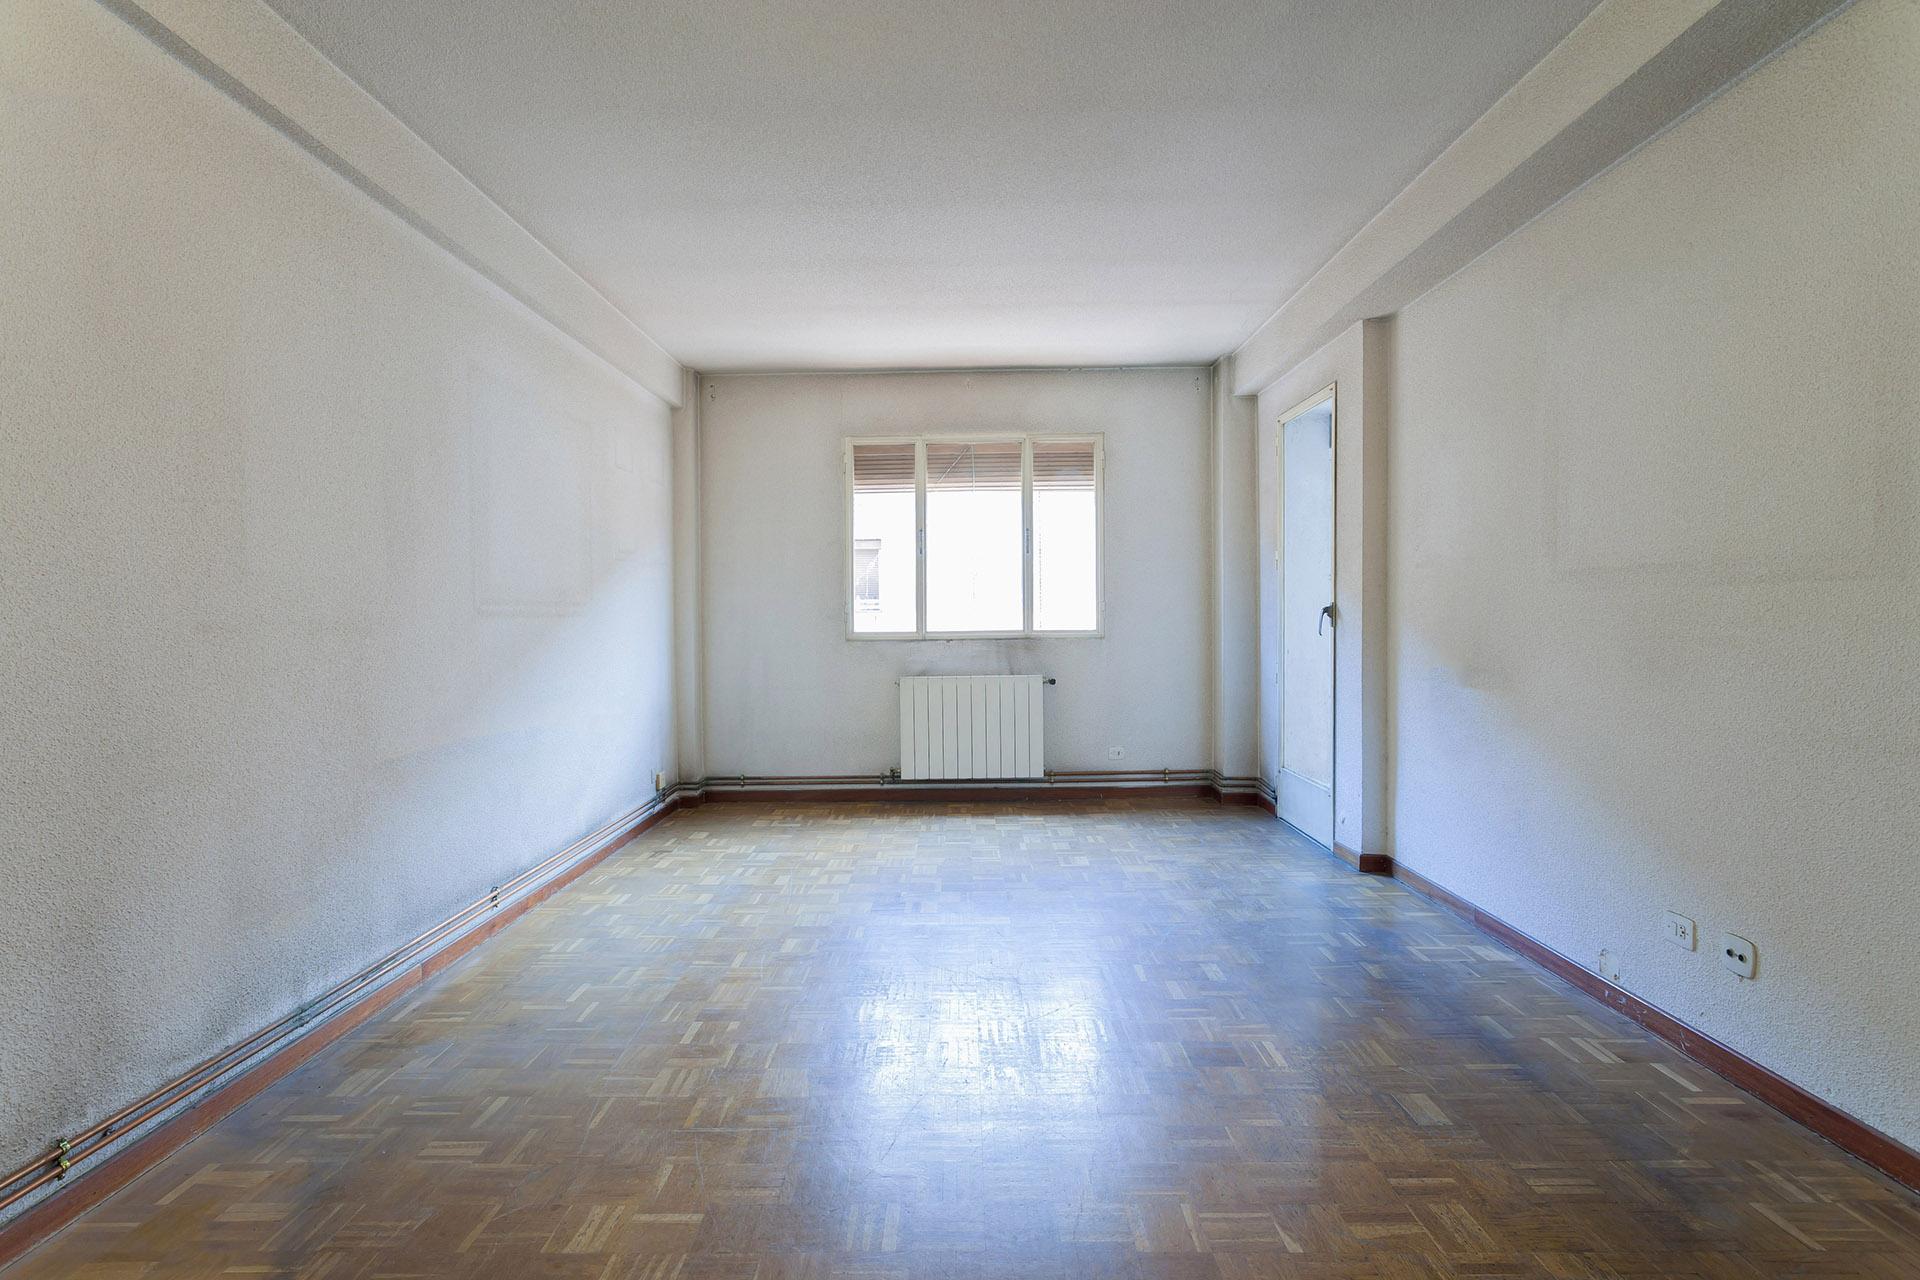 Piso para reformar en puerta del ngel espaciodoble for Alquiler piso puerta del angel